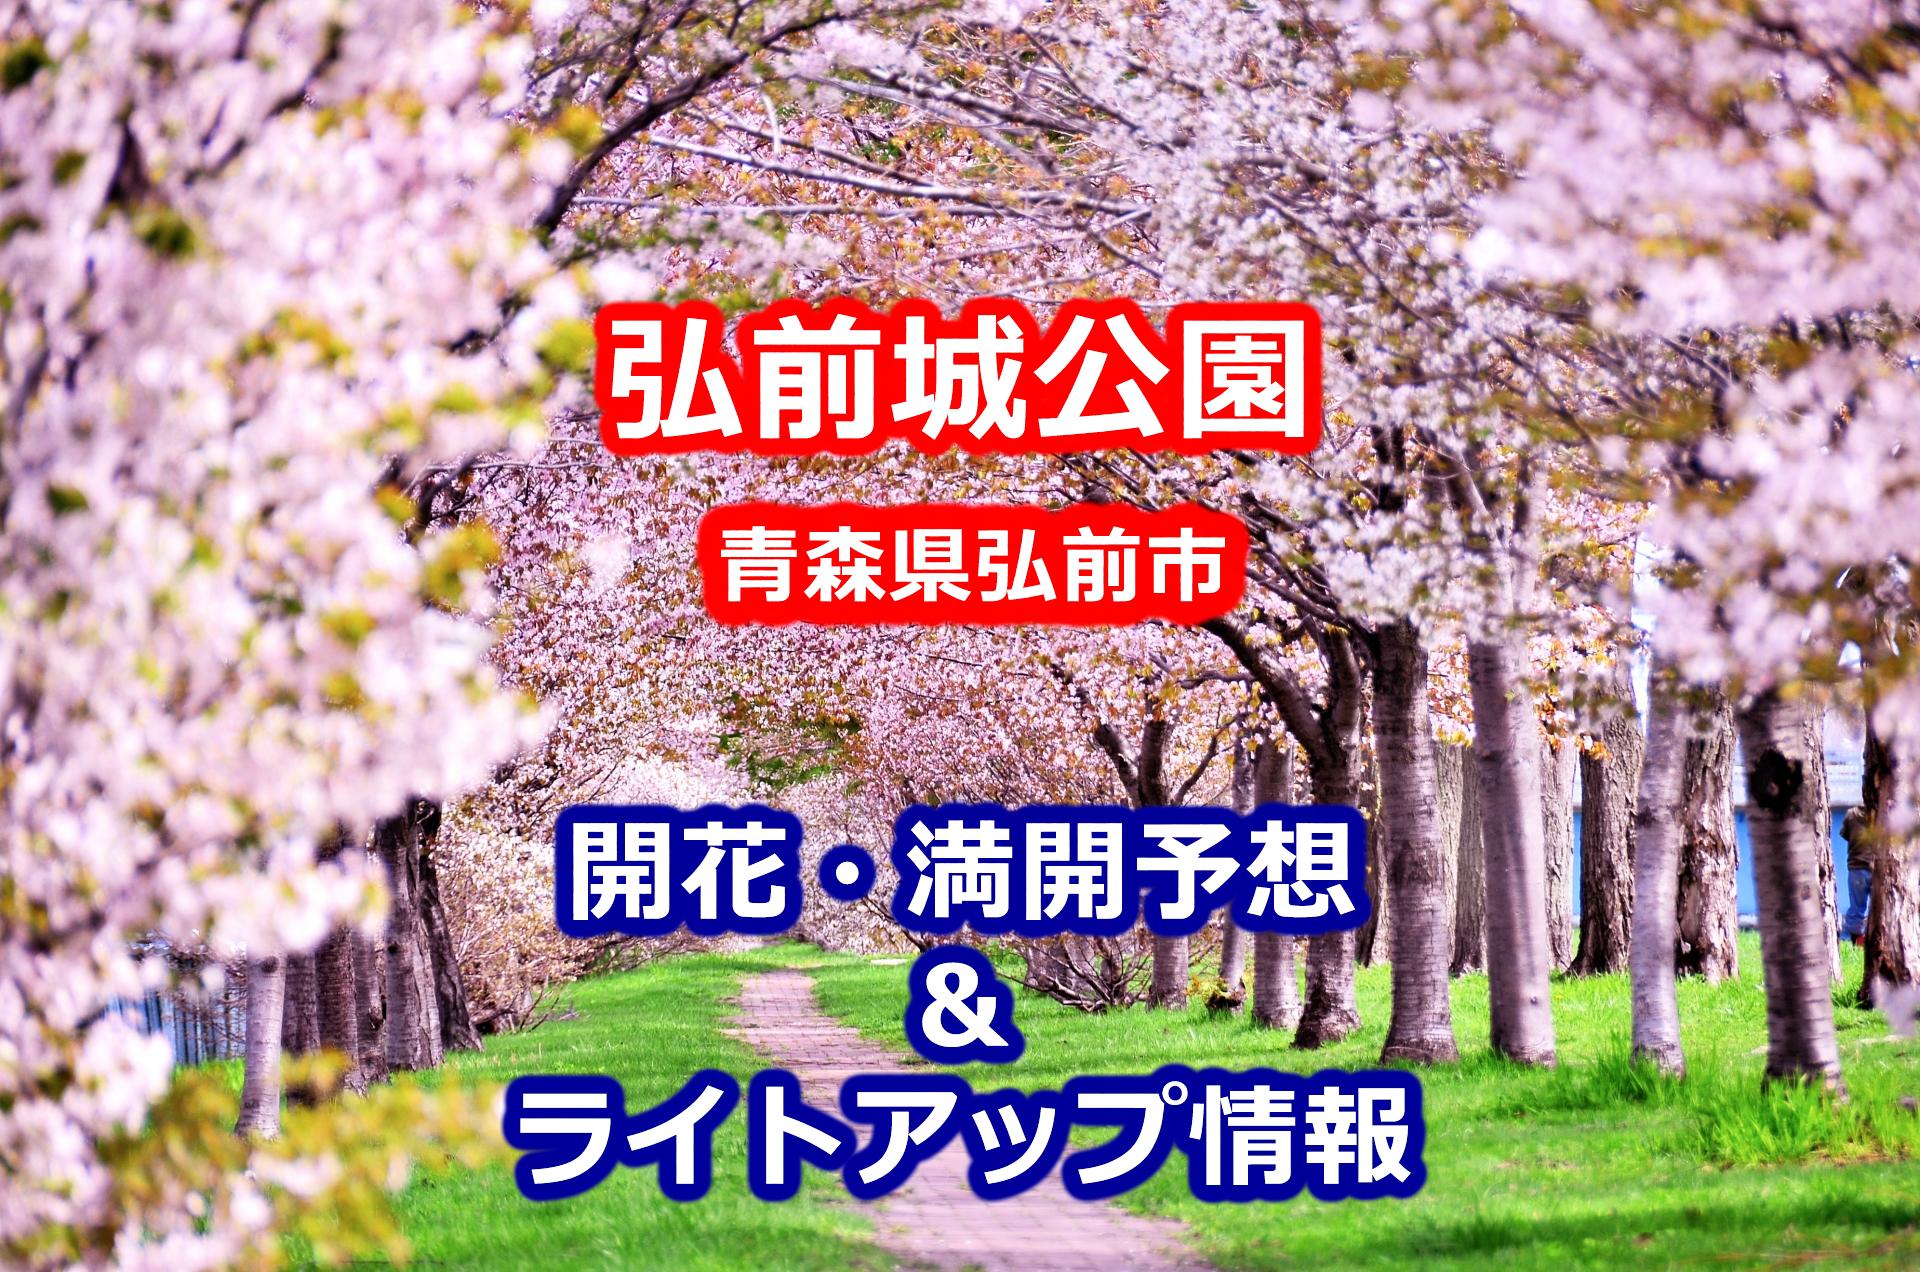 2020年弘前城公園の桜の開花・満開予想と弘前さくらまつり期間・ライトアップの時間